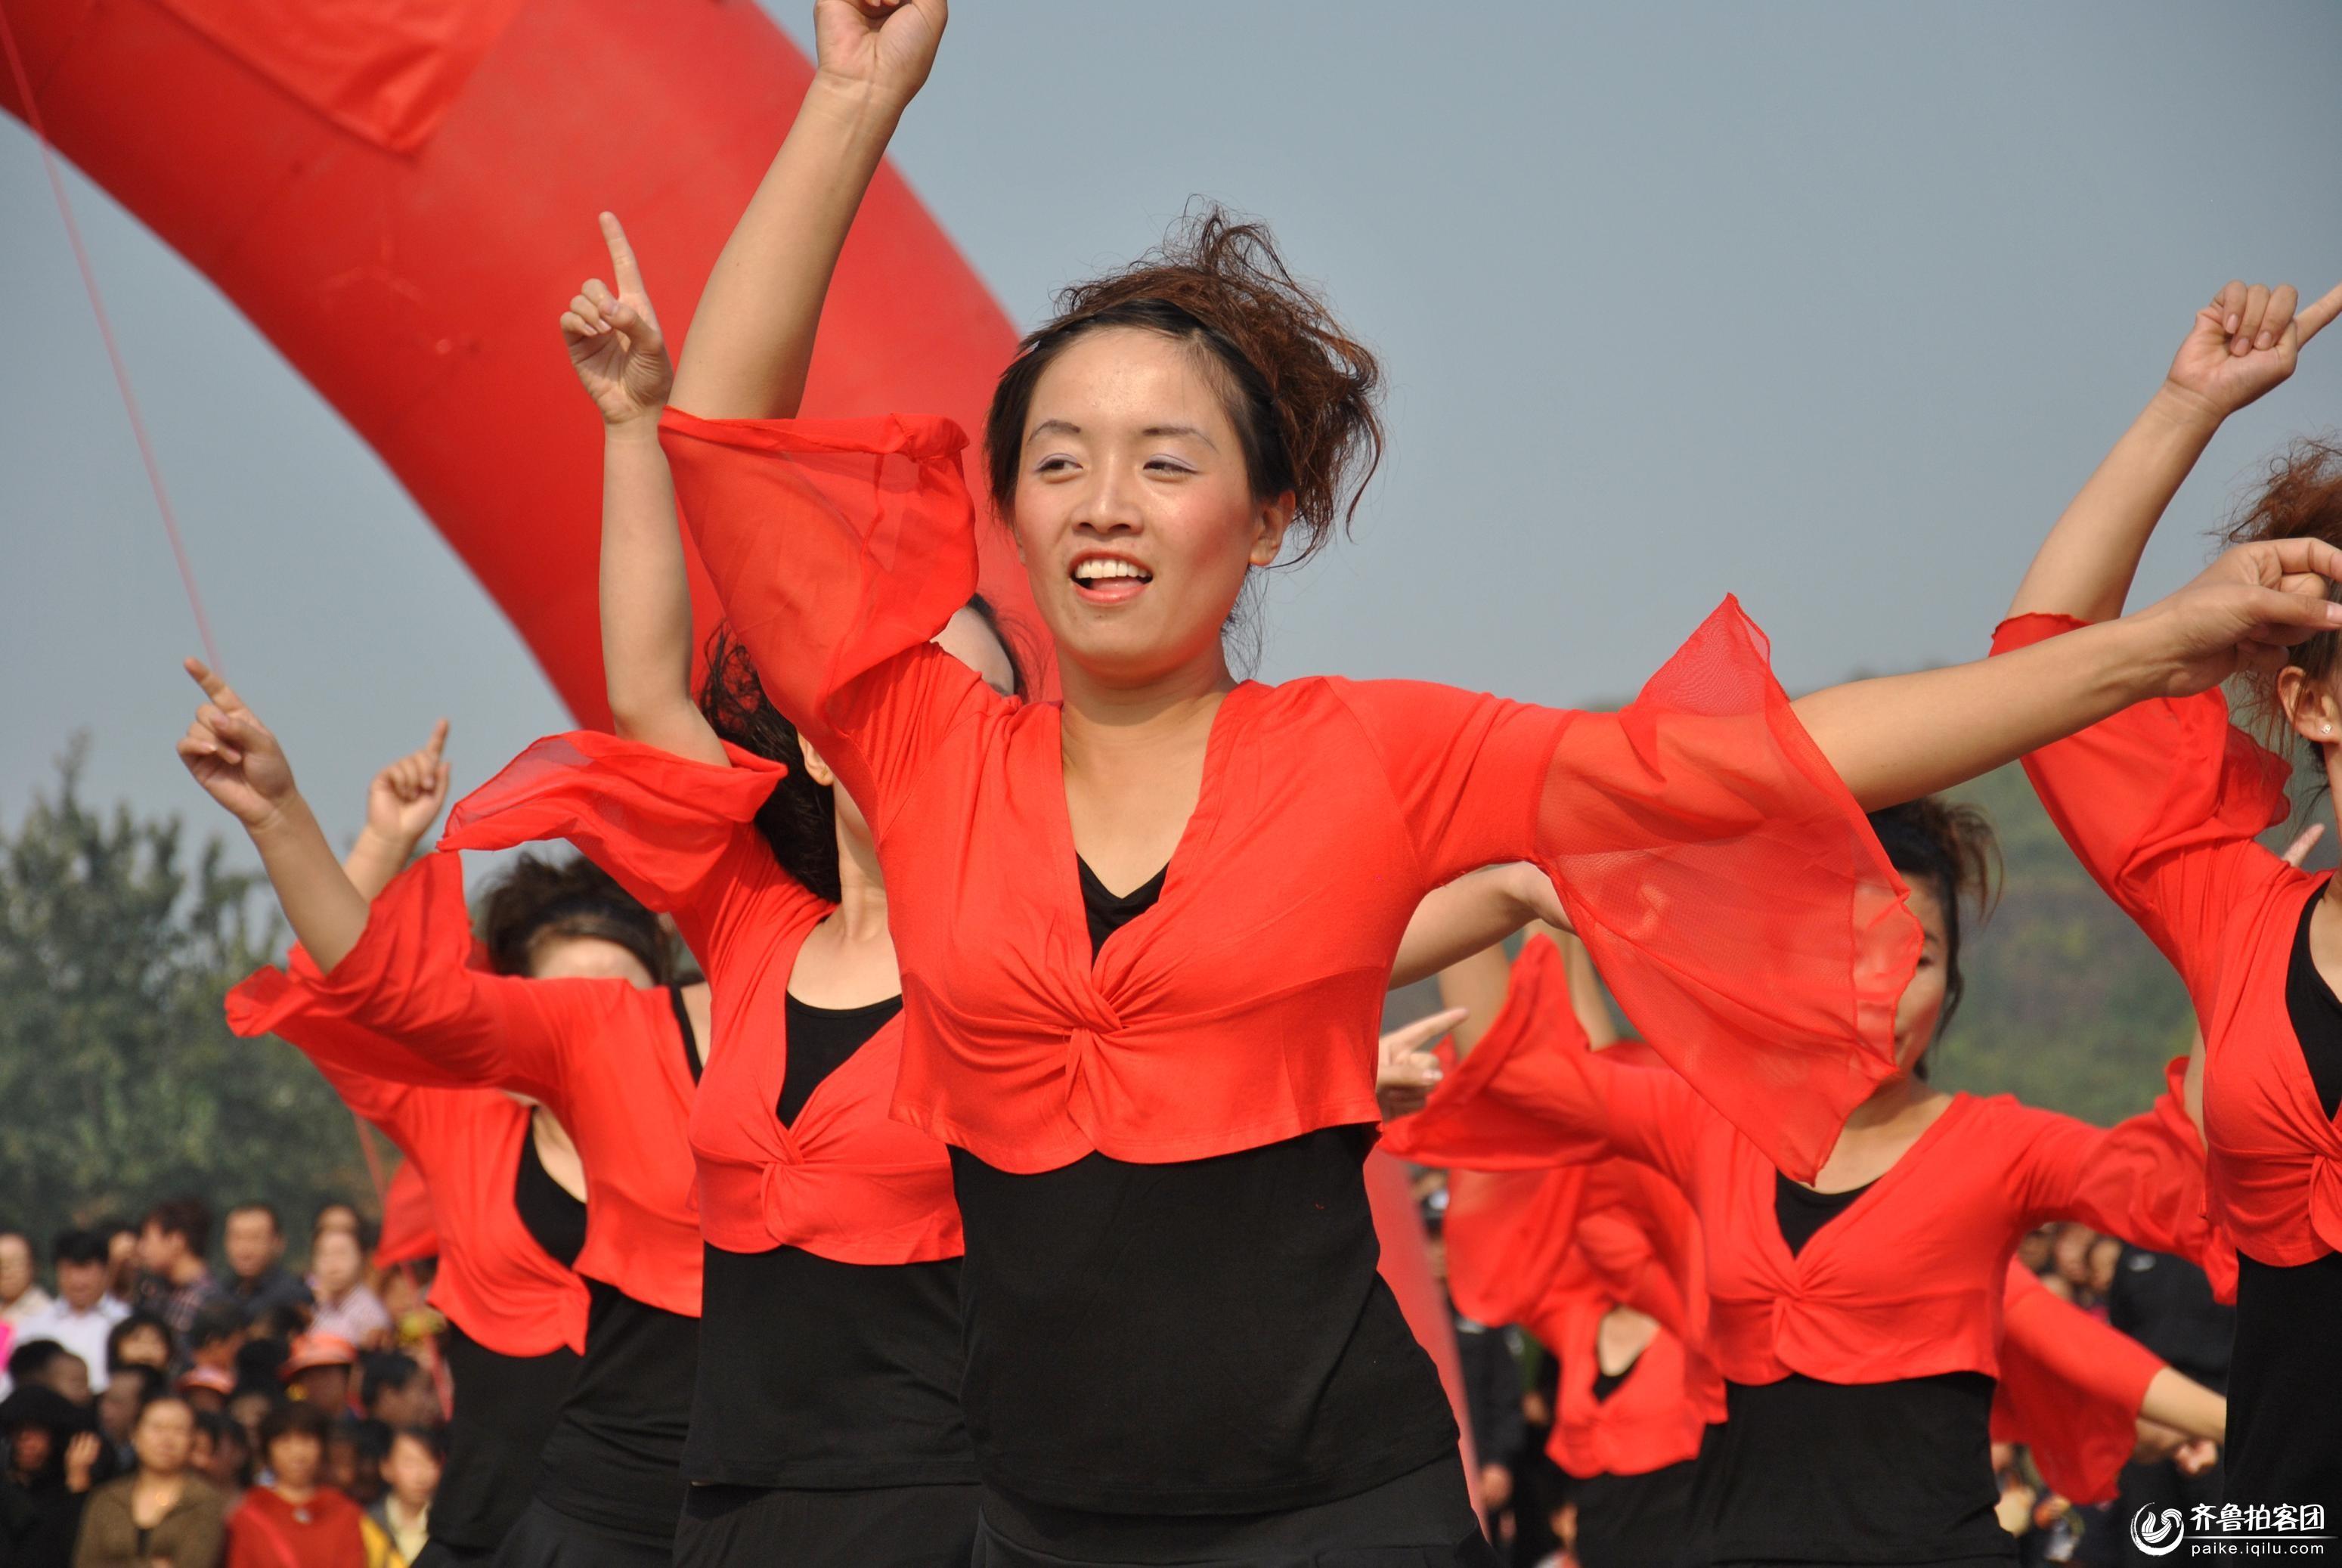 广场舞优美的舞姿